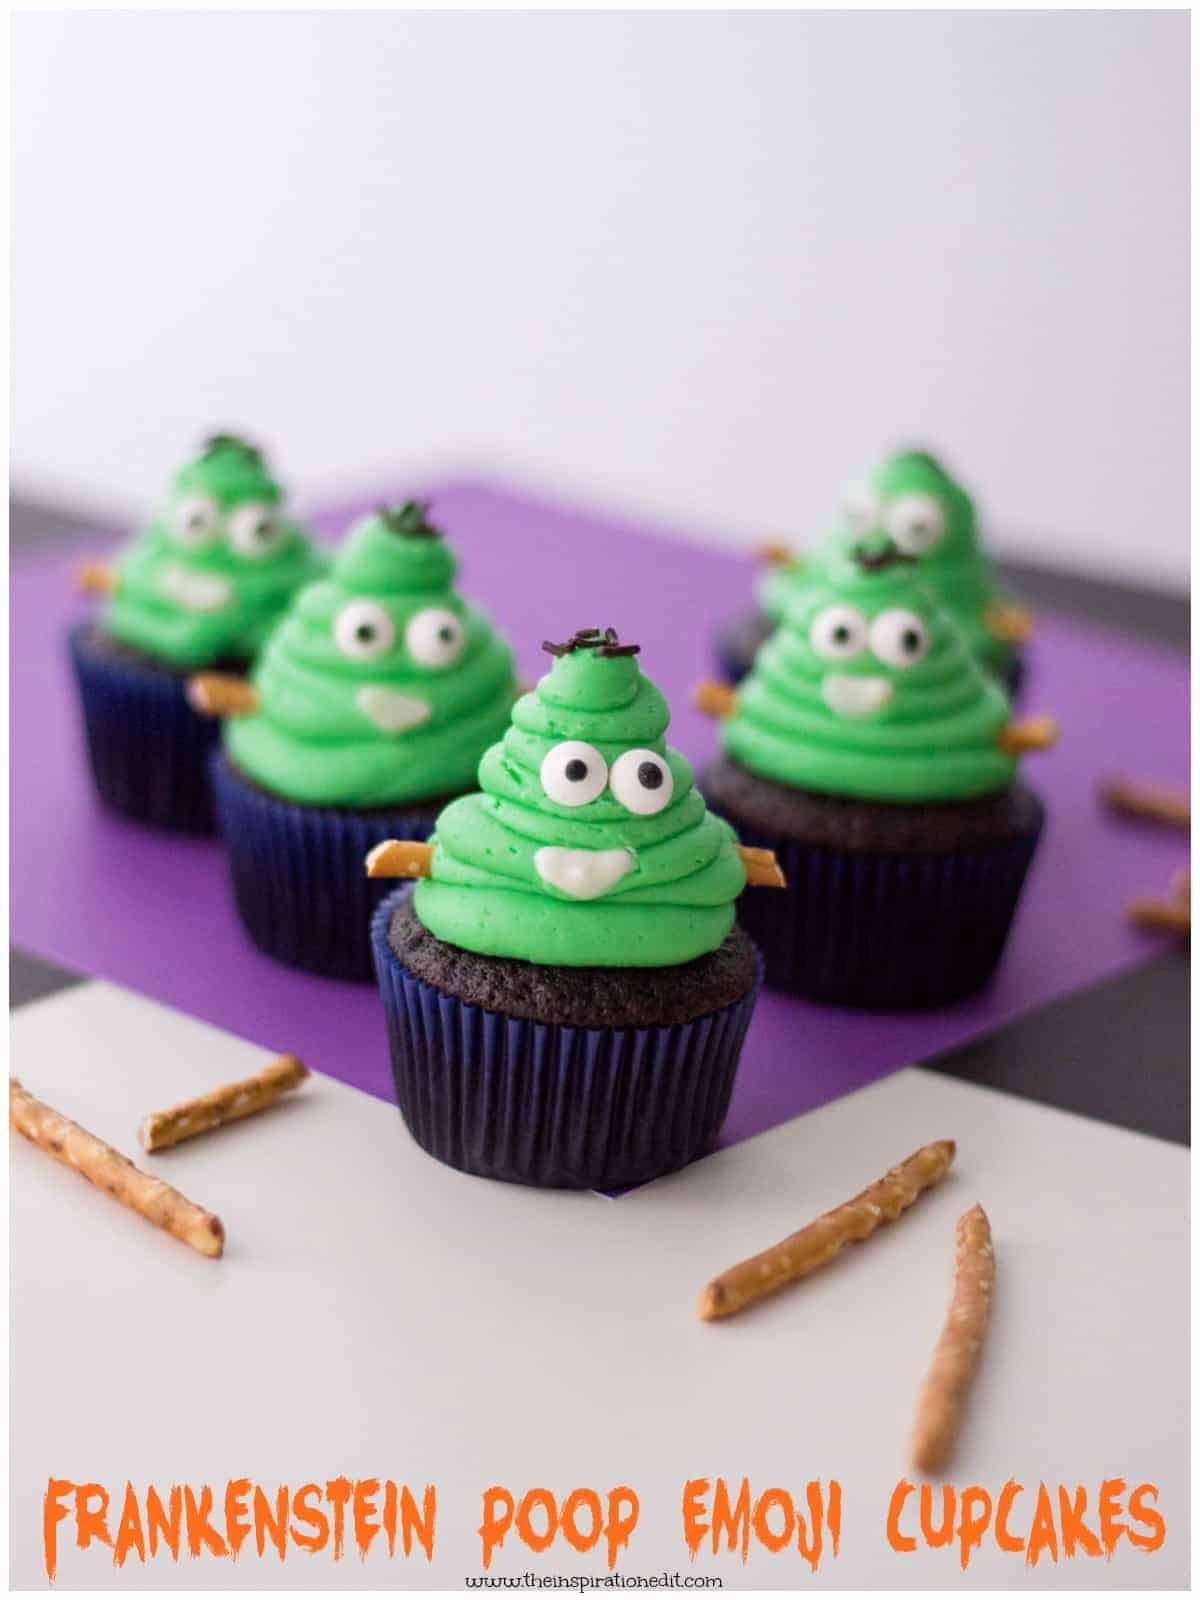 frankestein poop emoji cupcakes